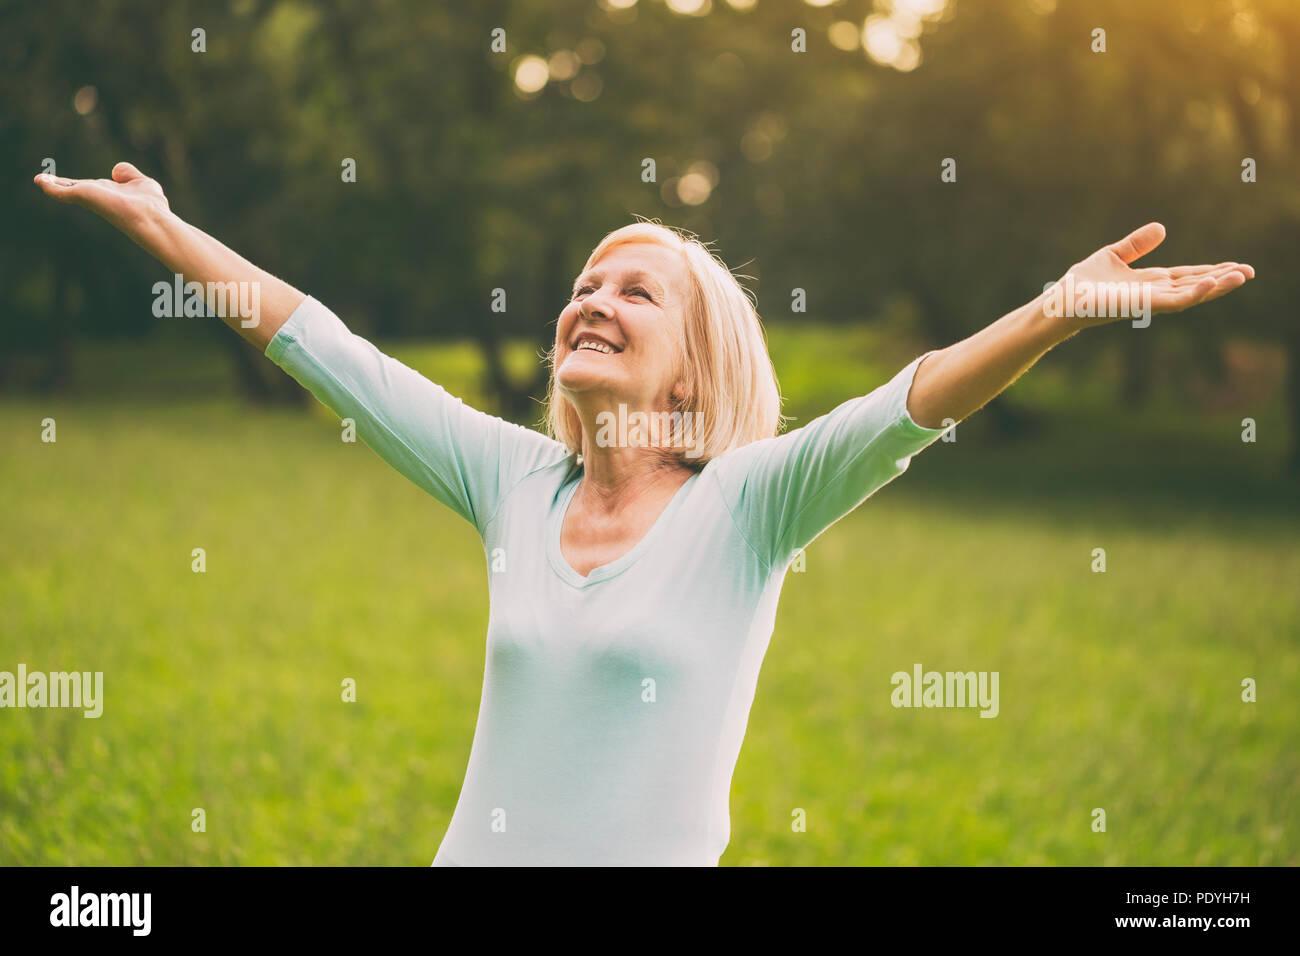 Senior donna gode con le braccia aperte in natura.Immagine è intenzionalmente tonica. Foto Stock